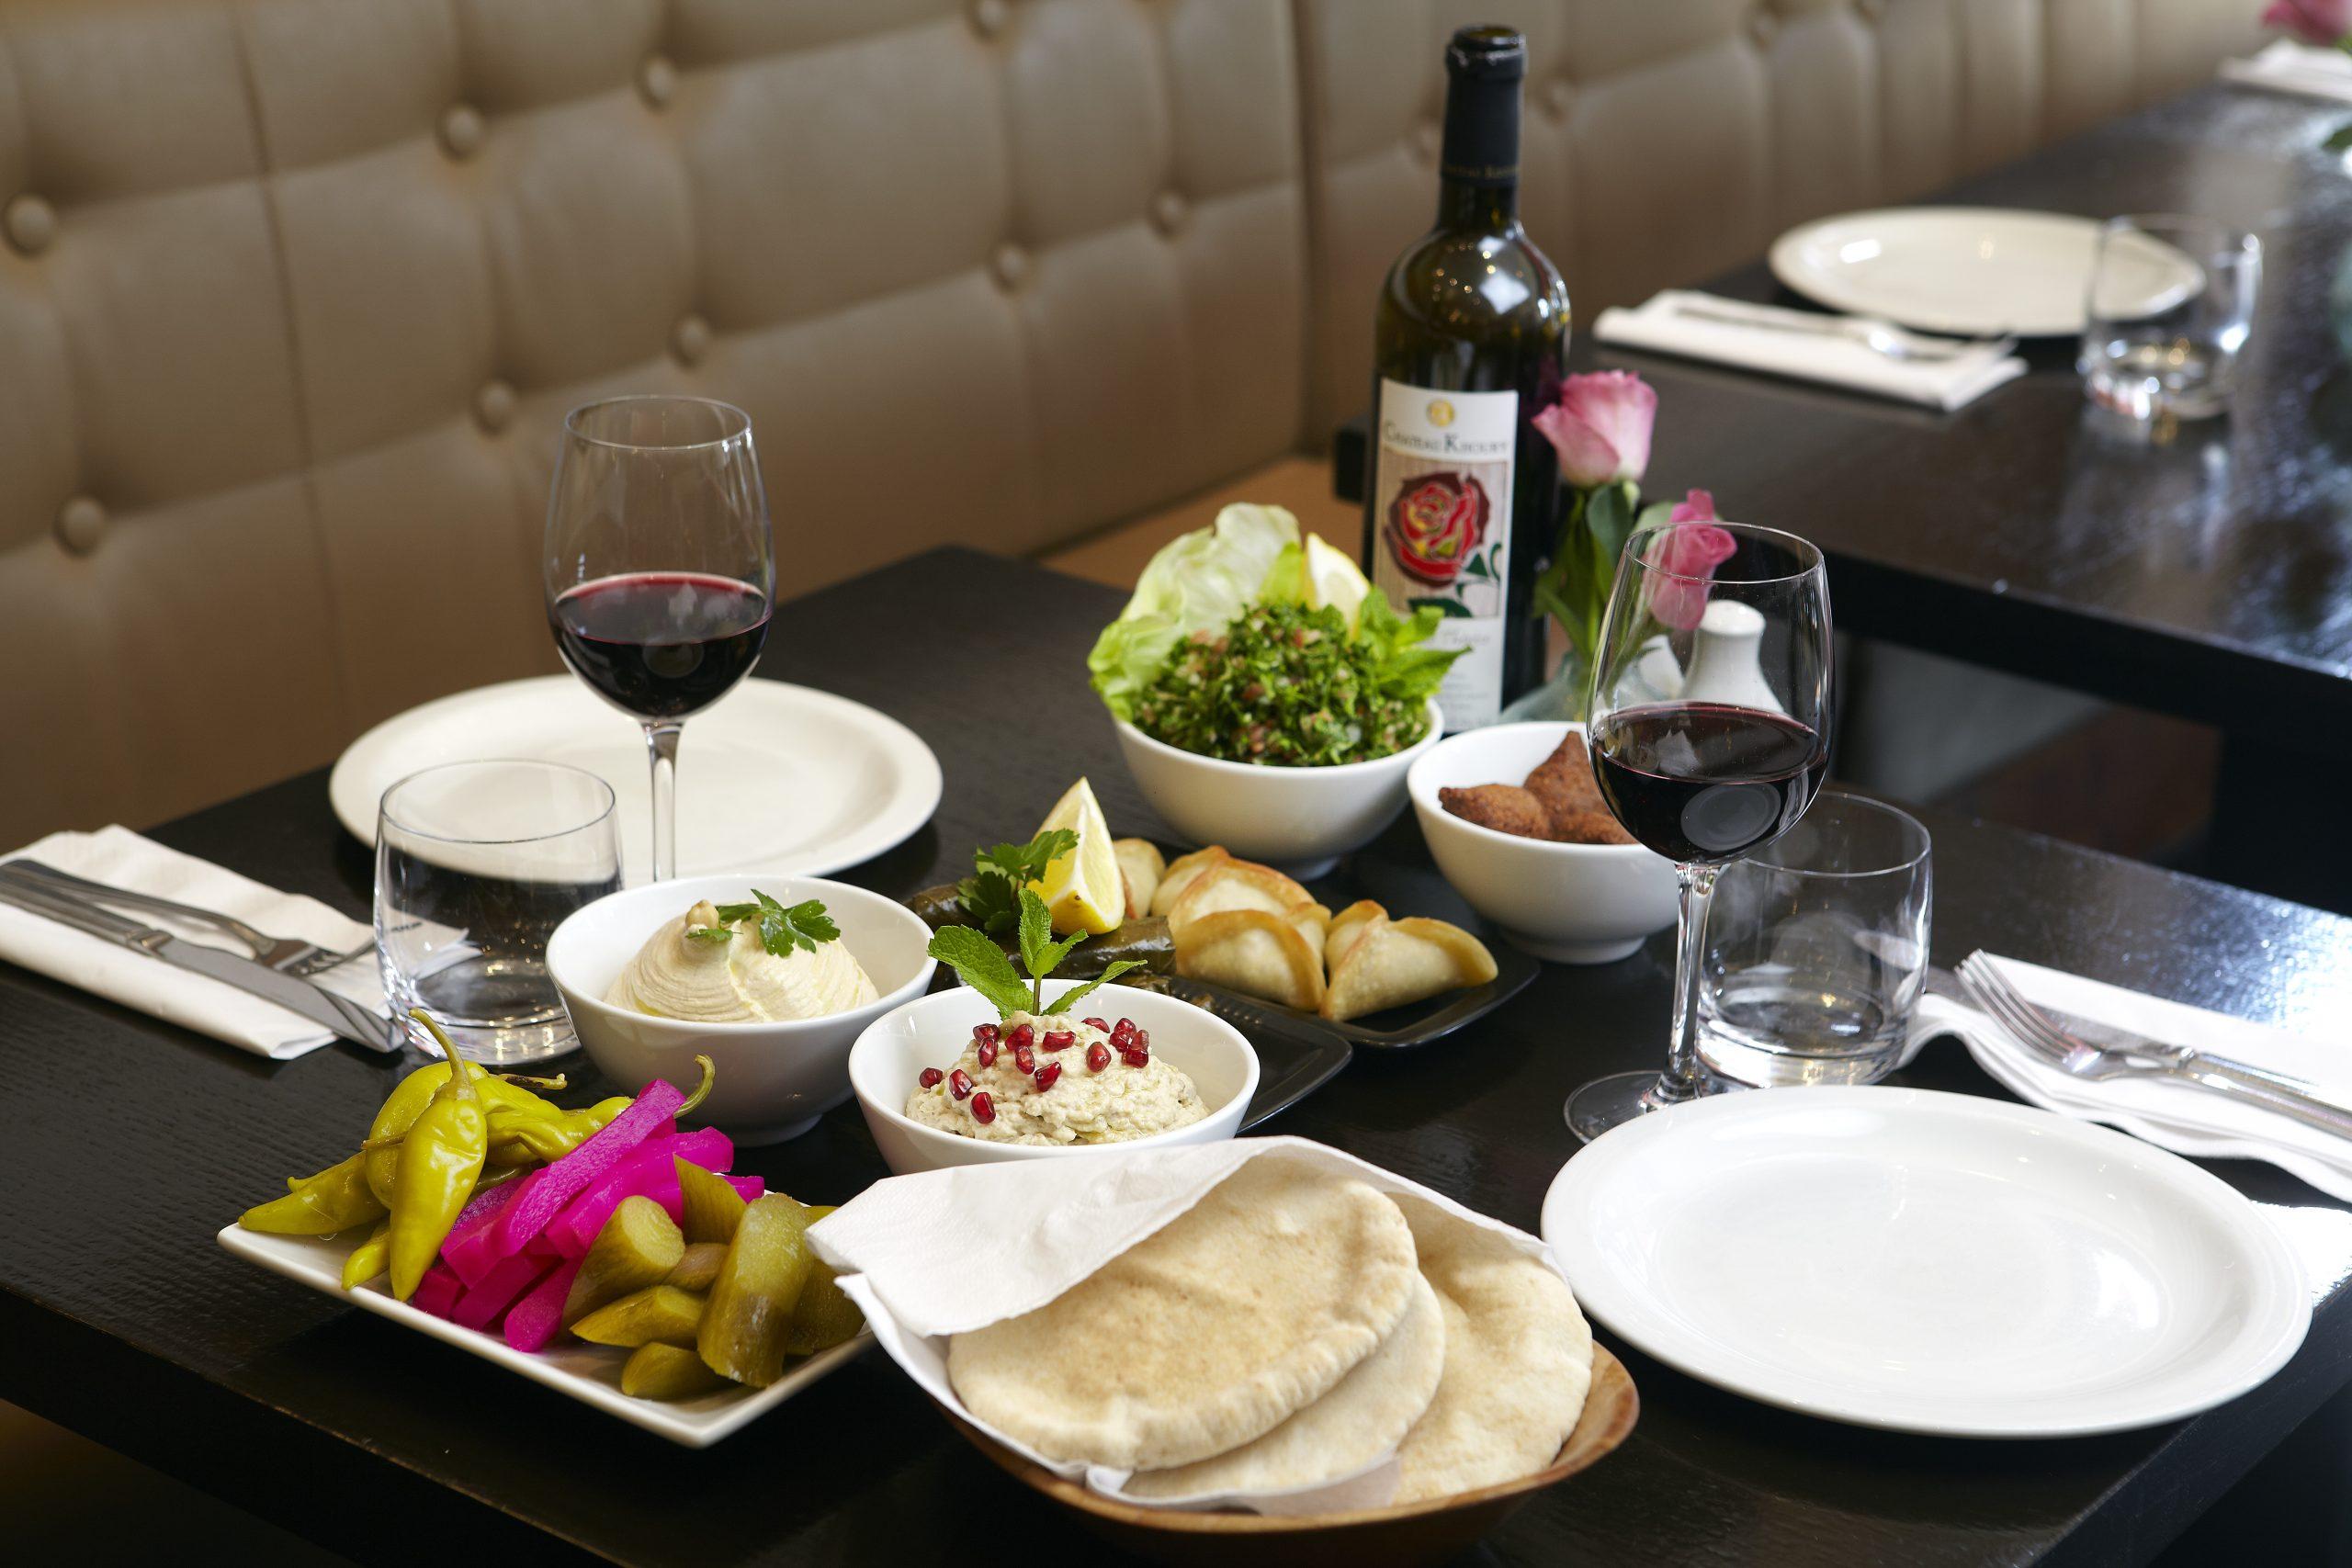 Lebanese hospitality